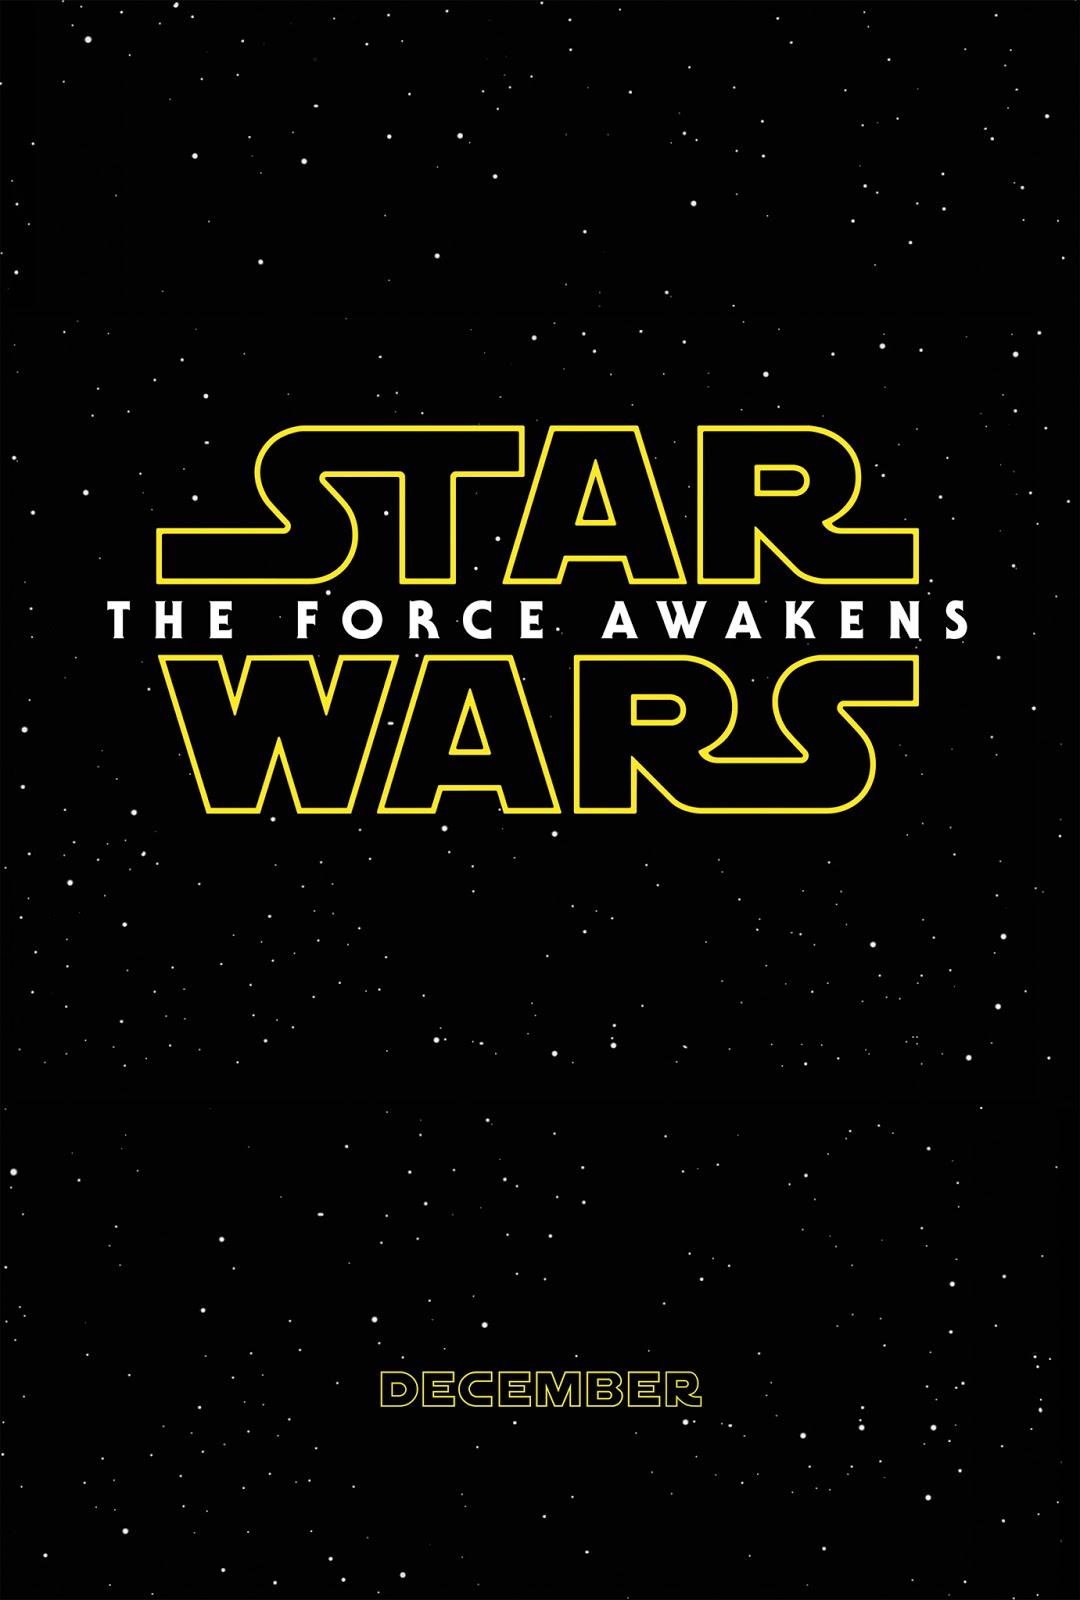 映画を観よう!IMAX 3D と 4DX はどちらが好み?!